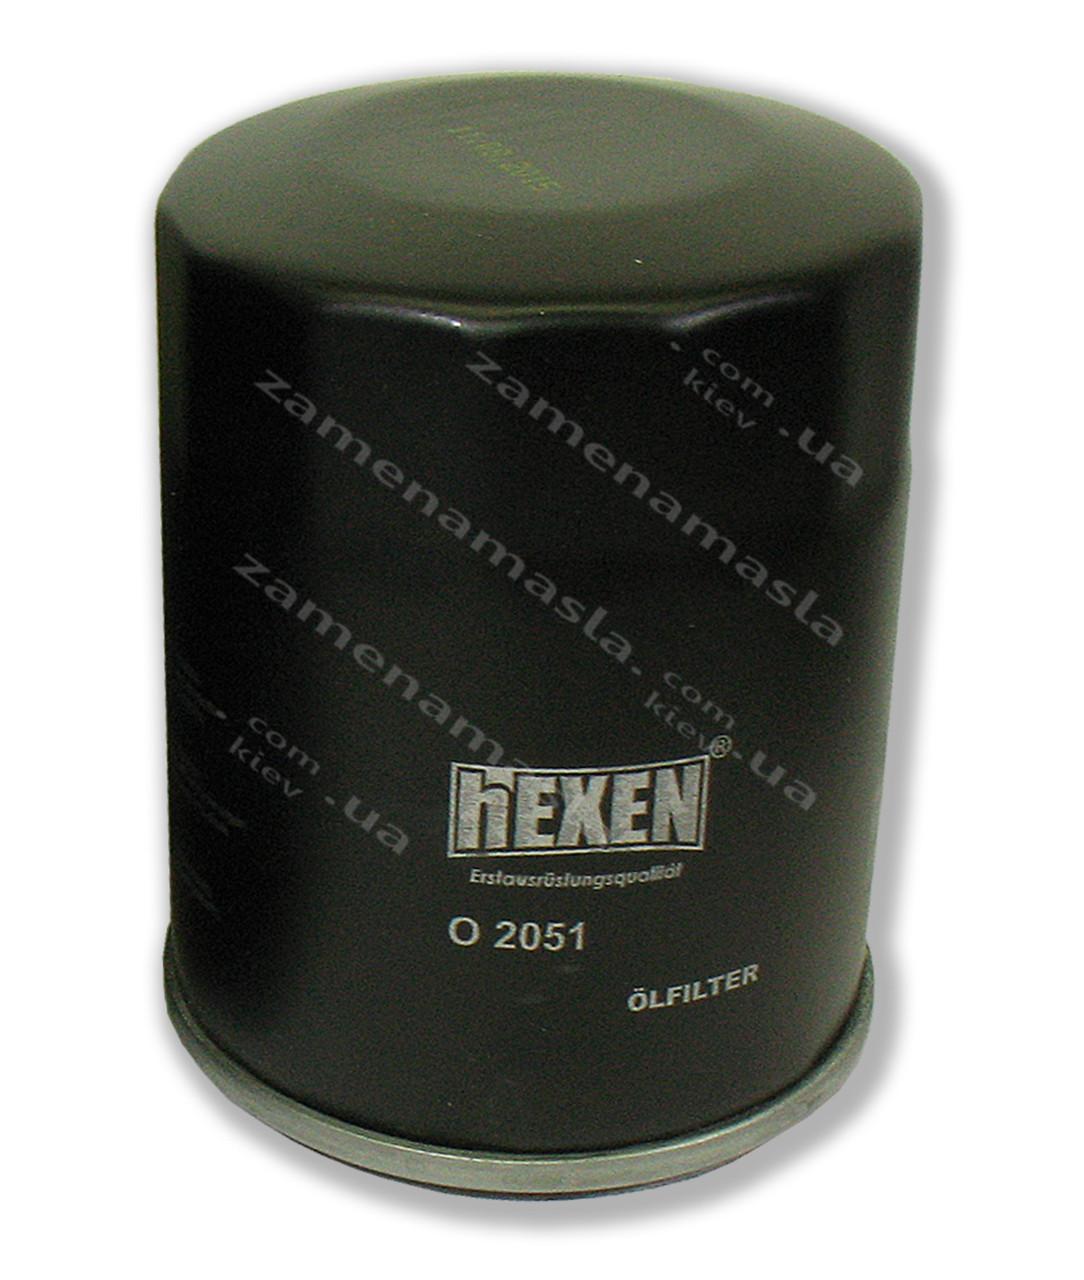 Hexen O2051 аналог SM-103 на Ford Probe; Kia Sportage; Mazda